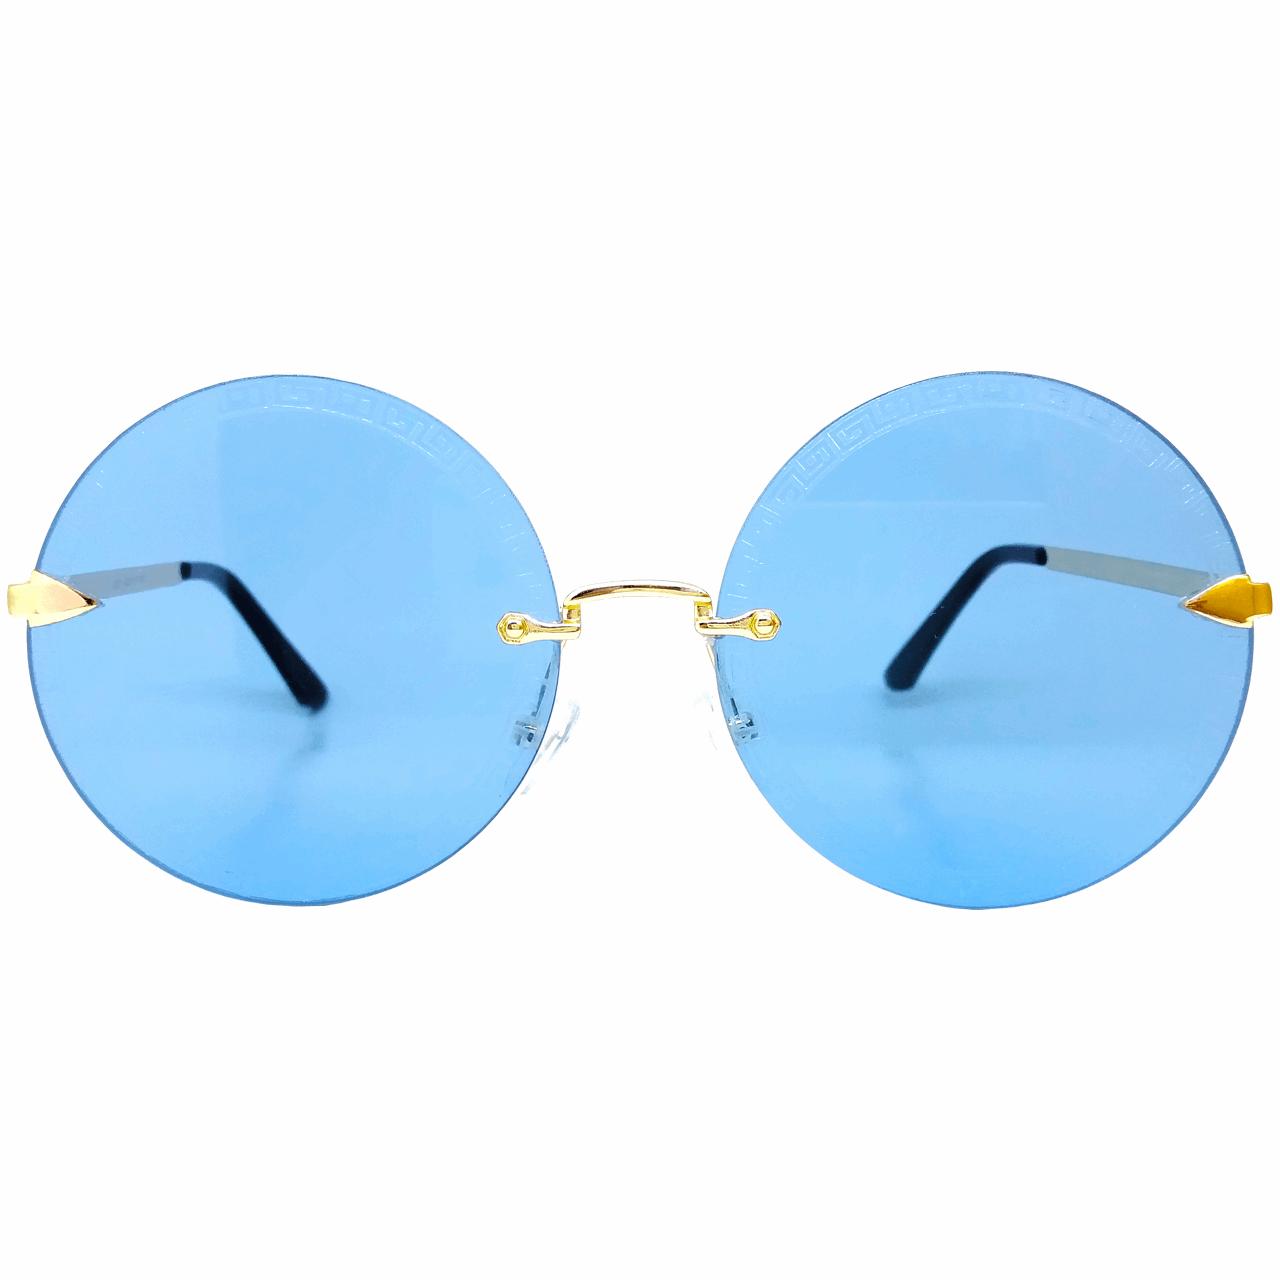 قیمت عینک آفتابی دیتیای مدل D2034